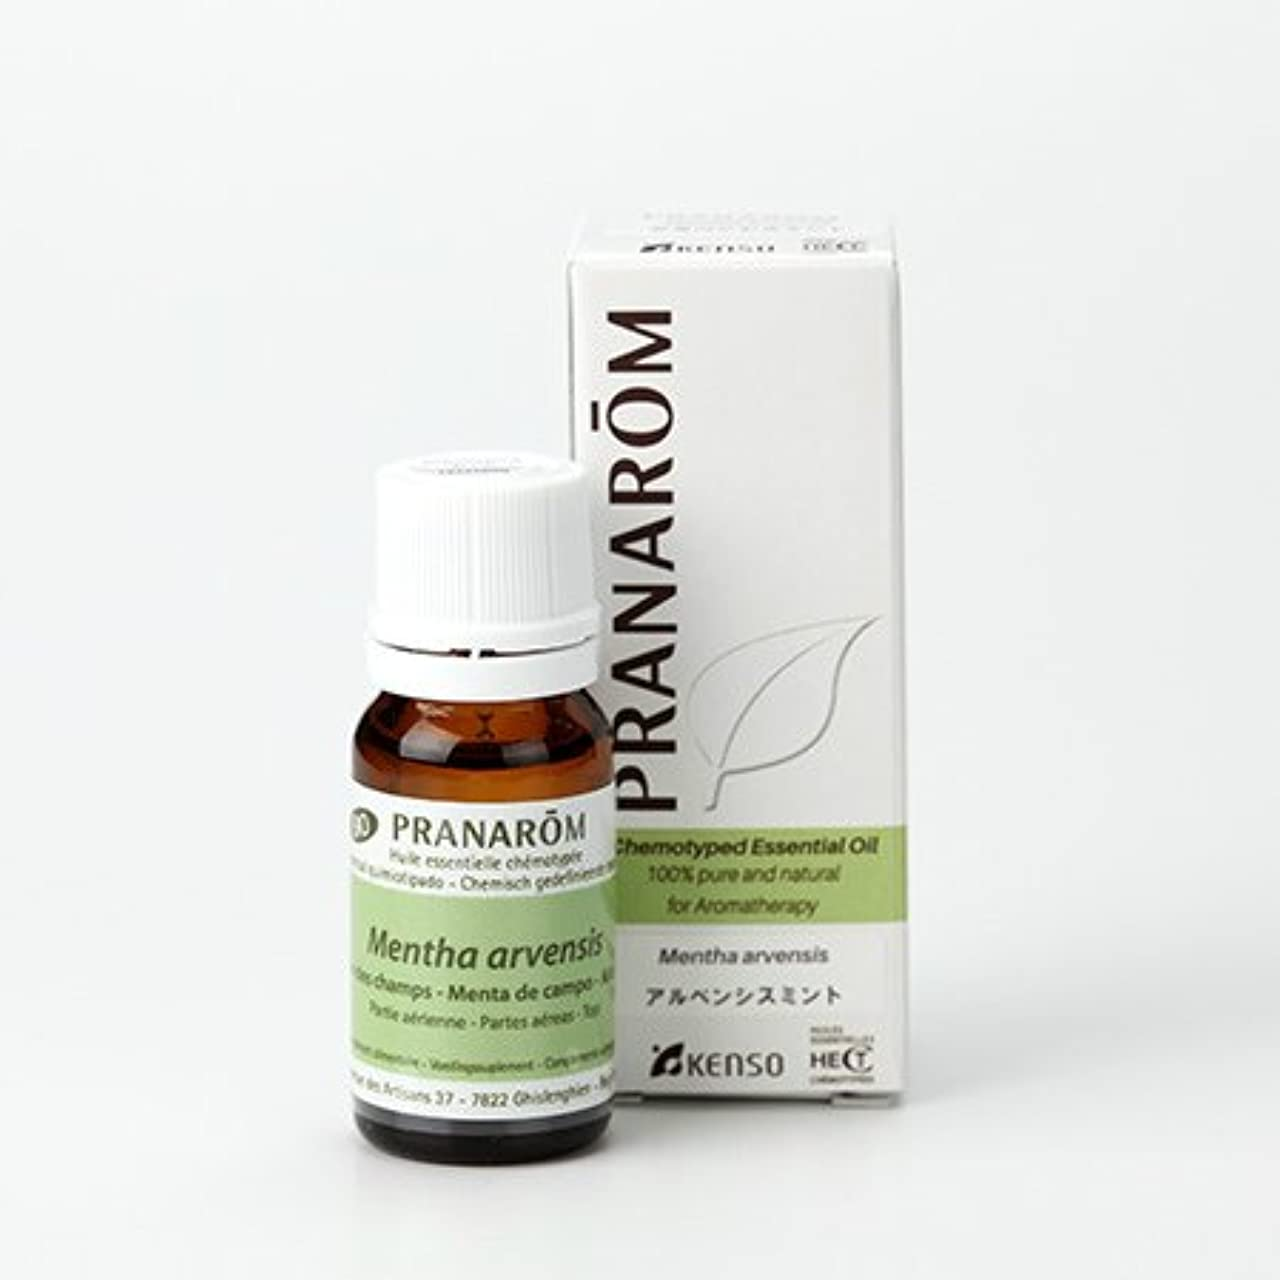 穴パントリー待ってプラナロム アルベンシスミント 10ml (PRANAROM ケモタイプ精油)